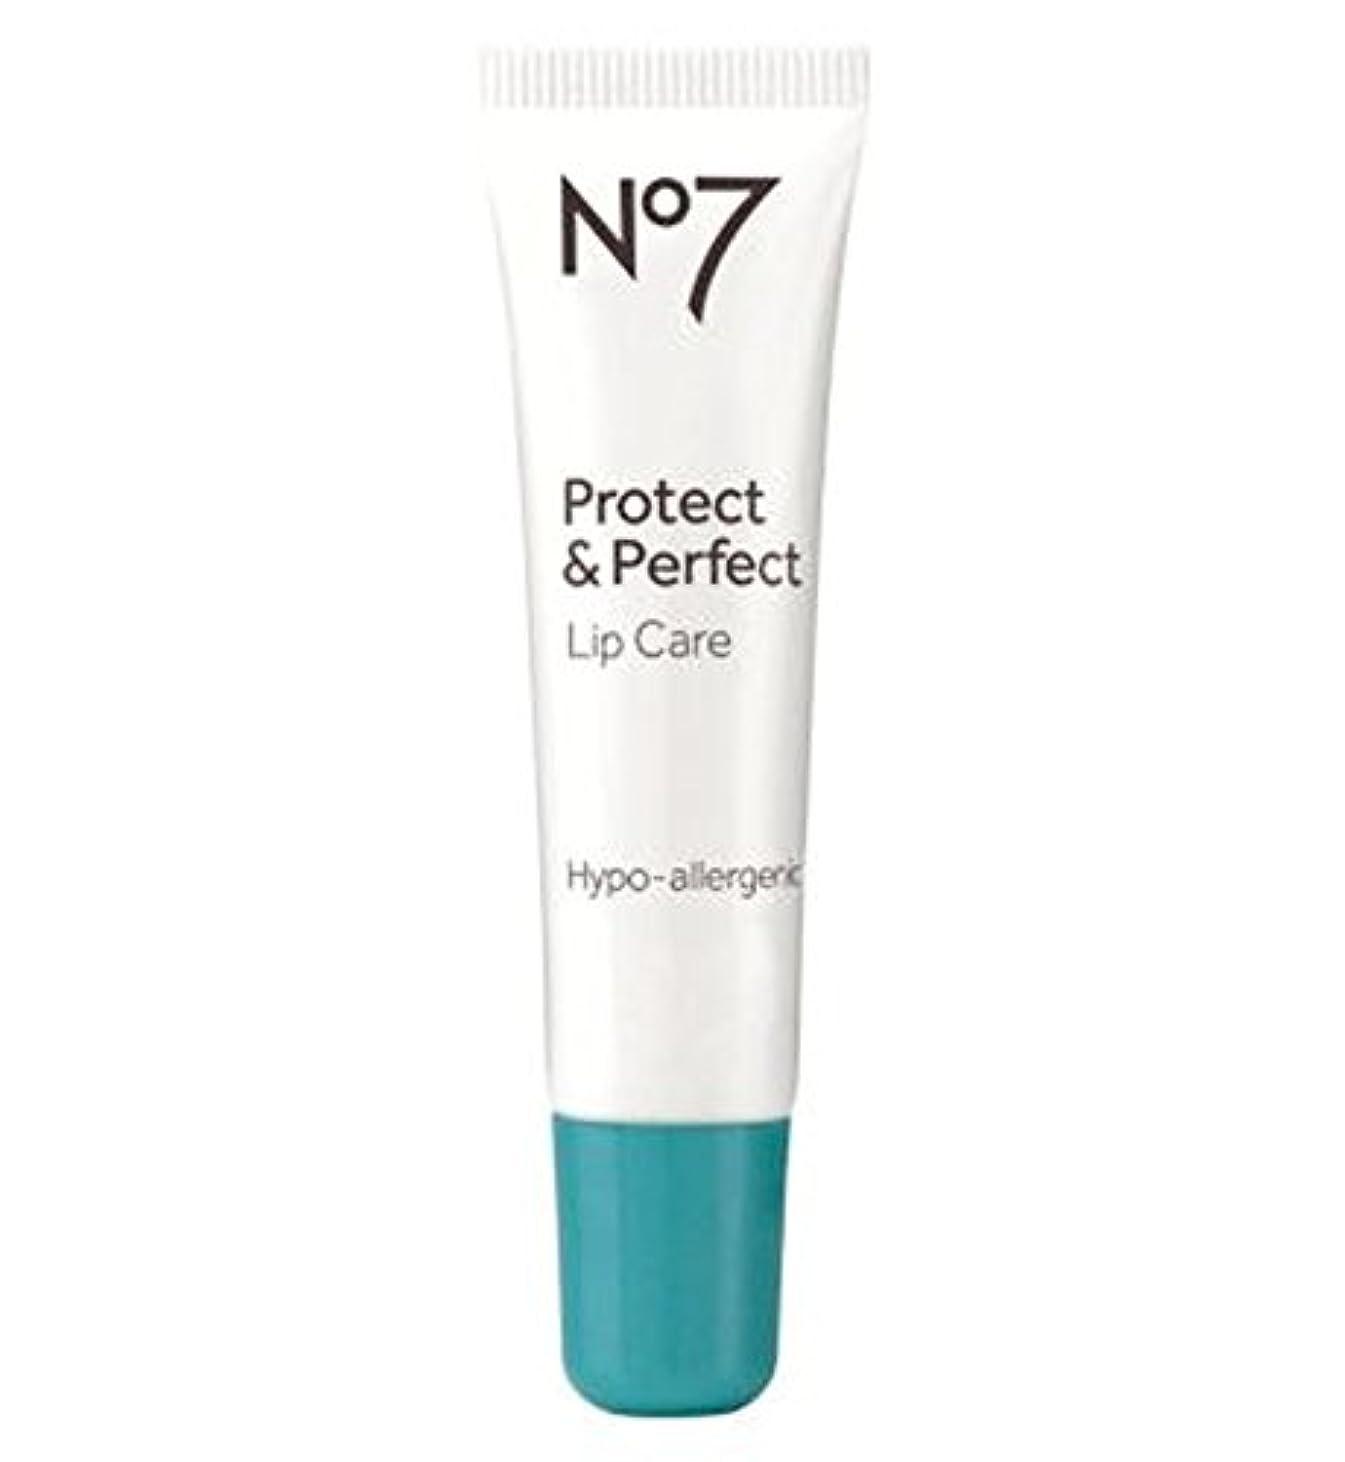 市場緊張する施しNo7保護&完璧なリップケア10ミリリットル (No7) (x2) - No7 Protect & Perfect Lip Care 10ml (Pack of 2) [並行輸入品]